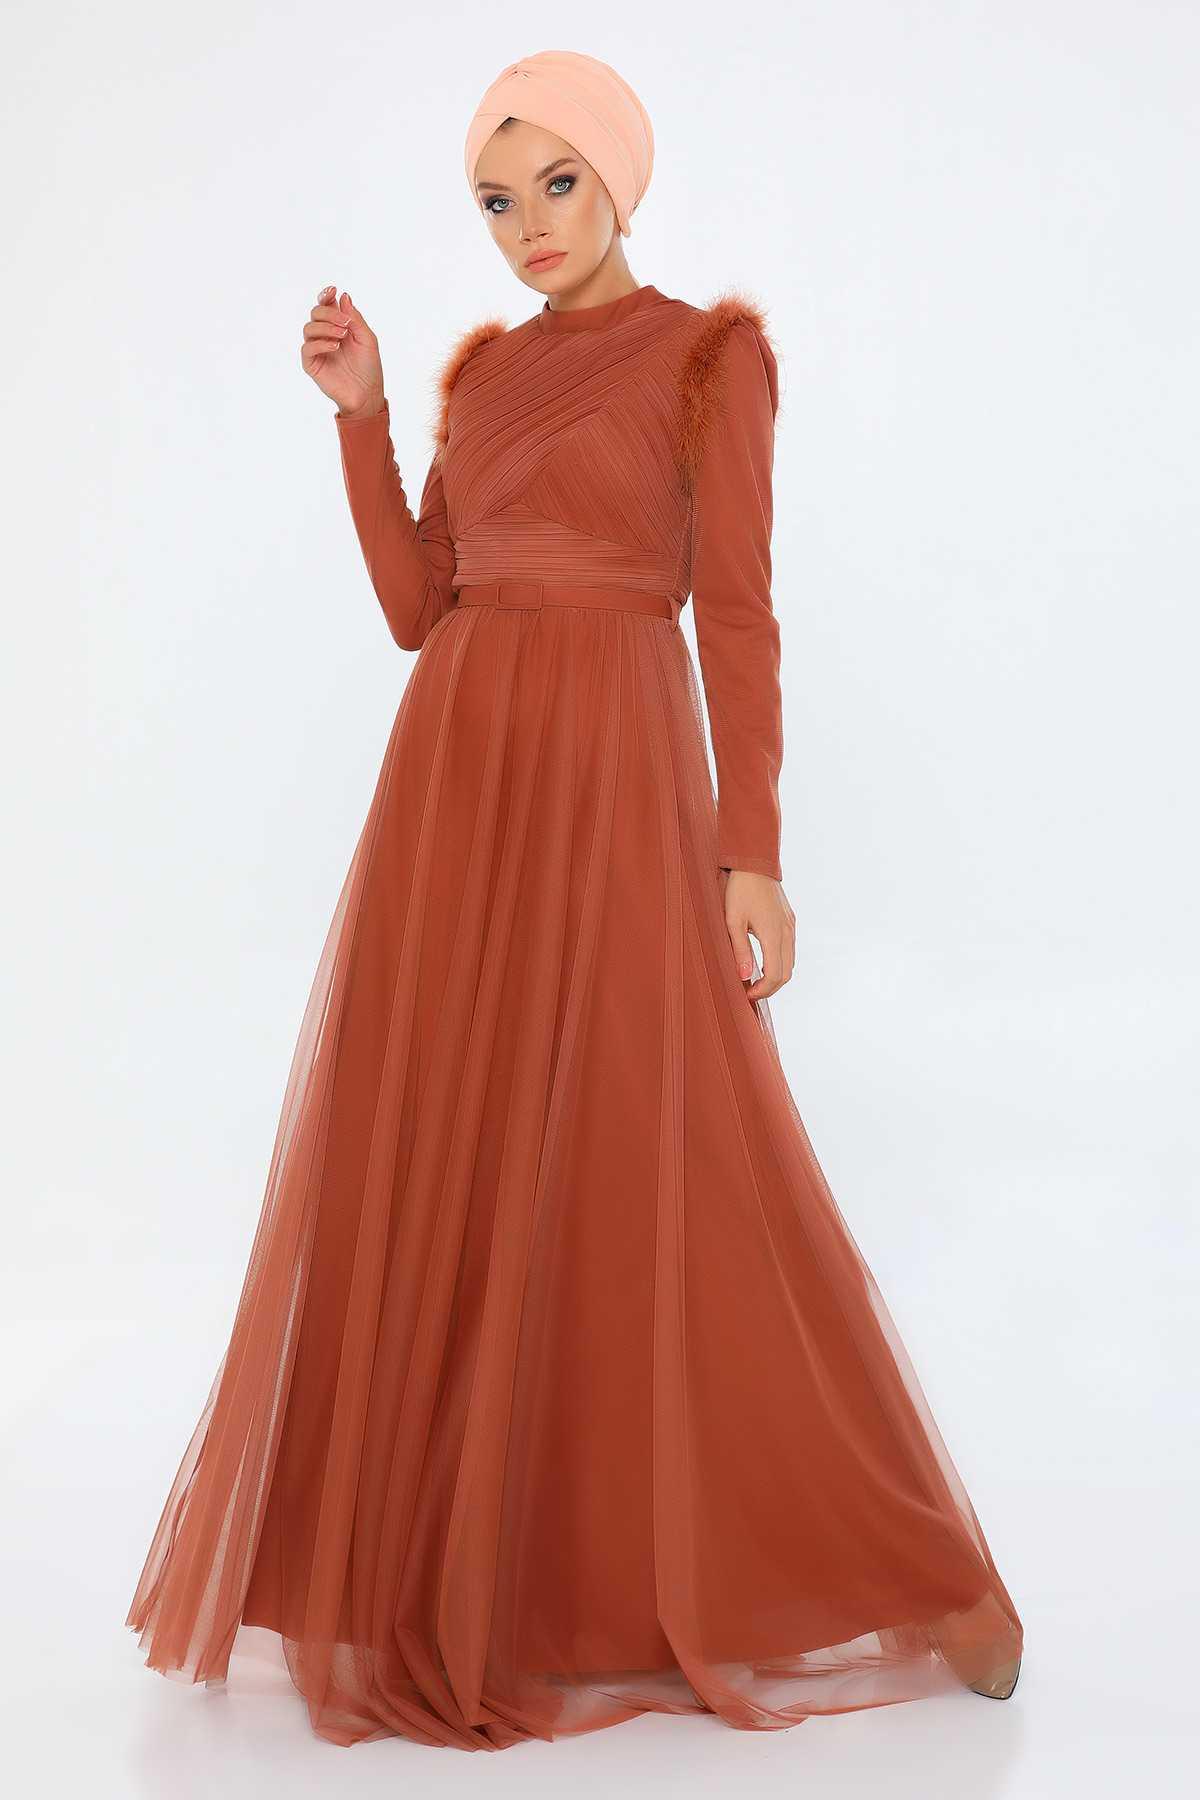 Tozlu Tesettür Tüylü Abiye Elbise Modelleri